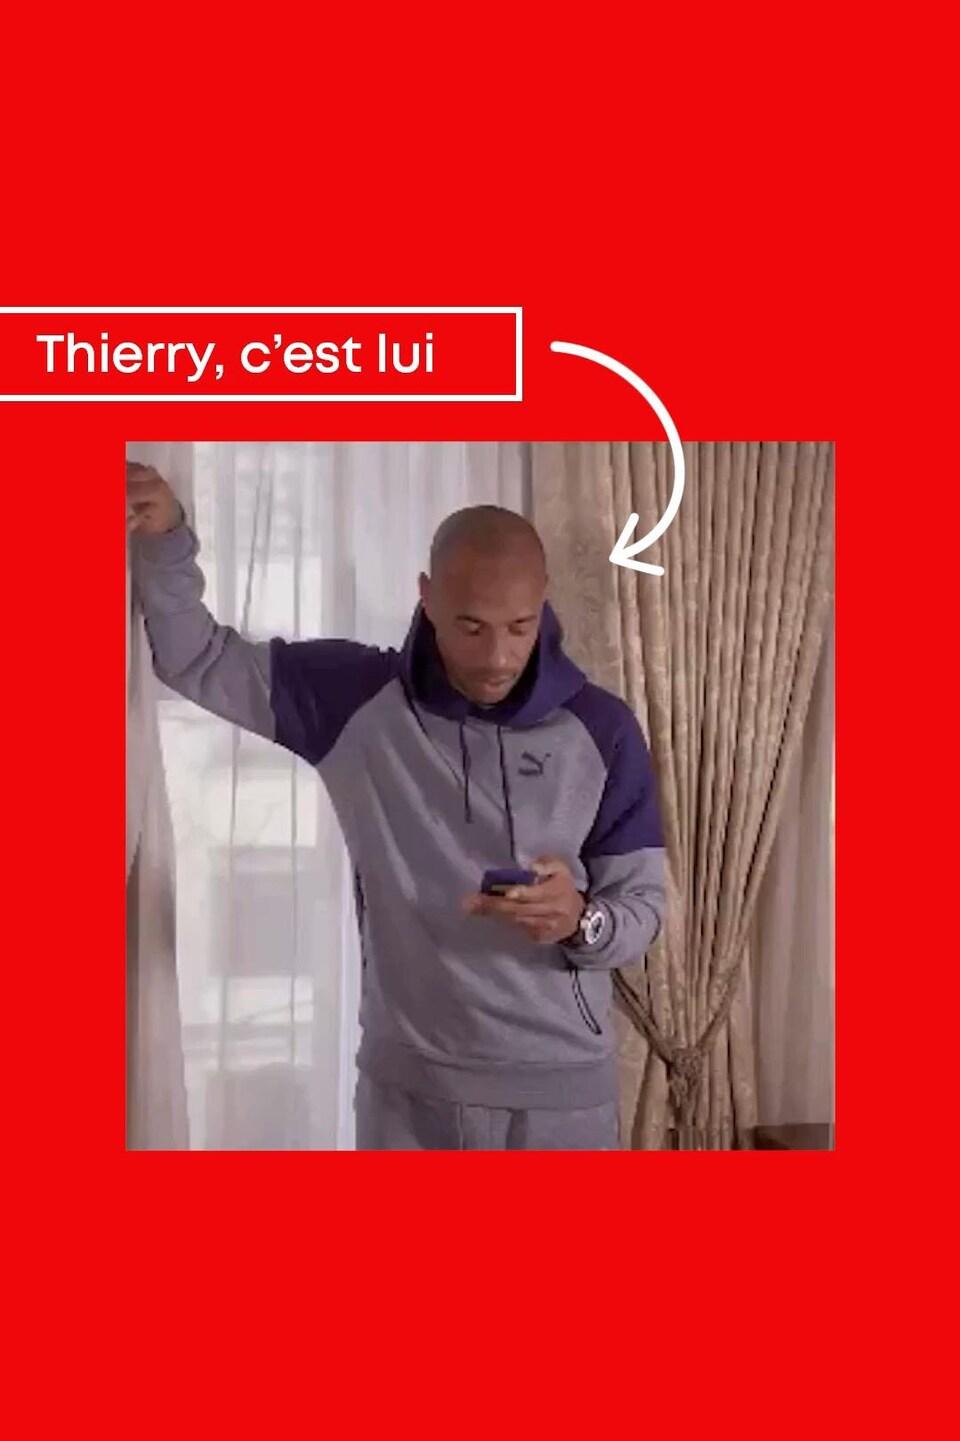 Thierry, c'est lui.